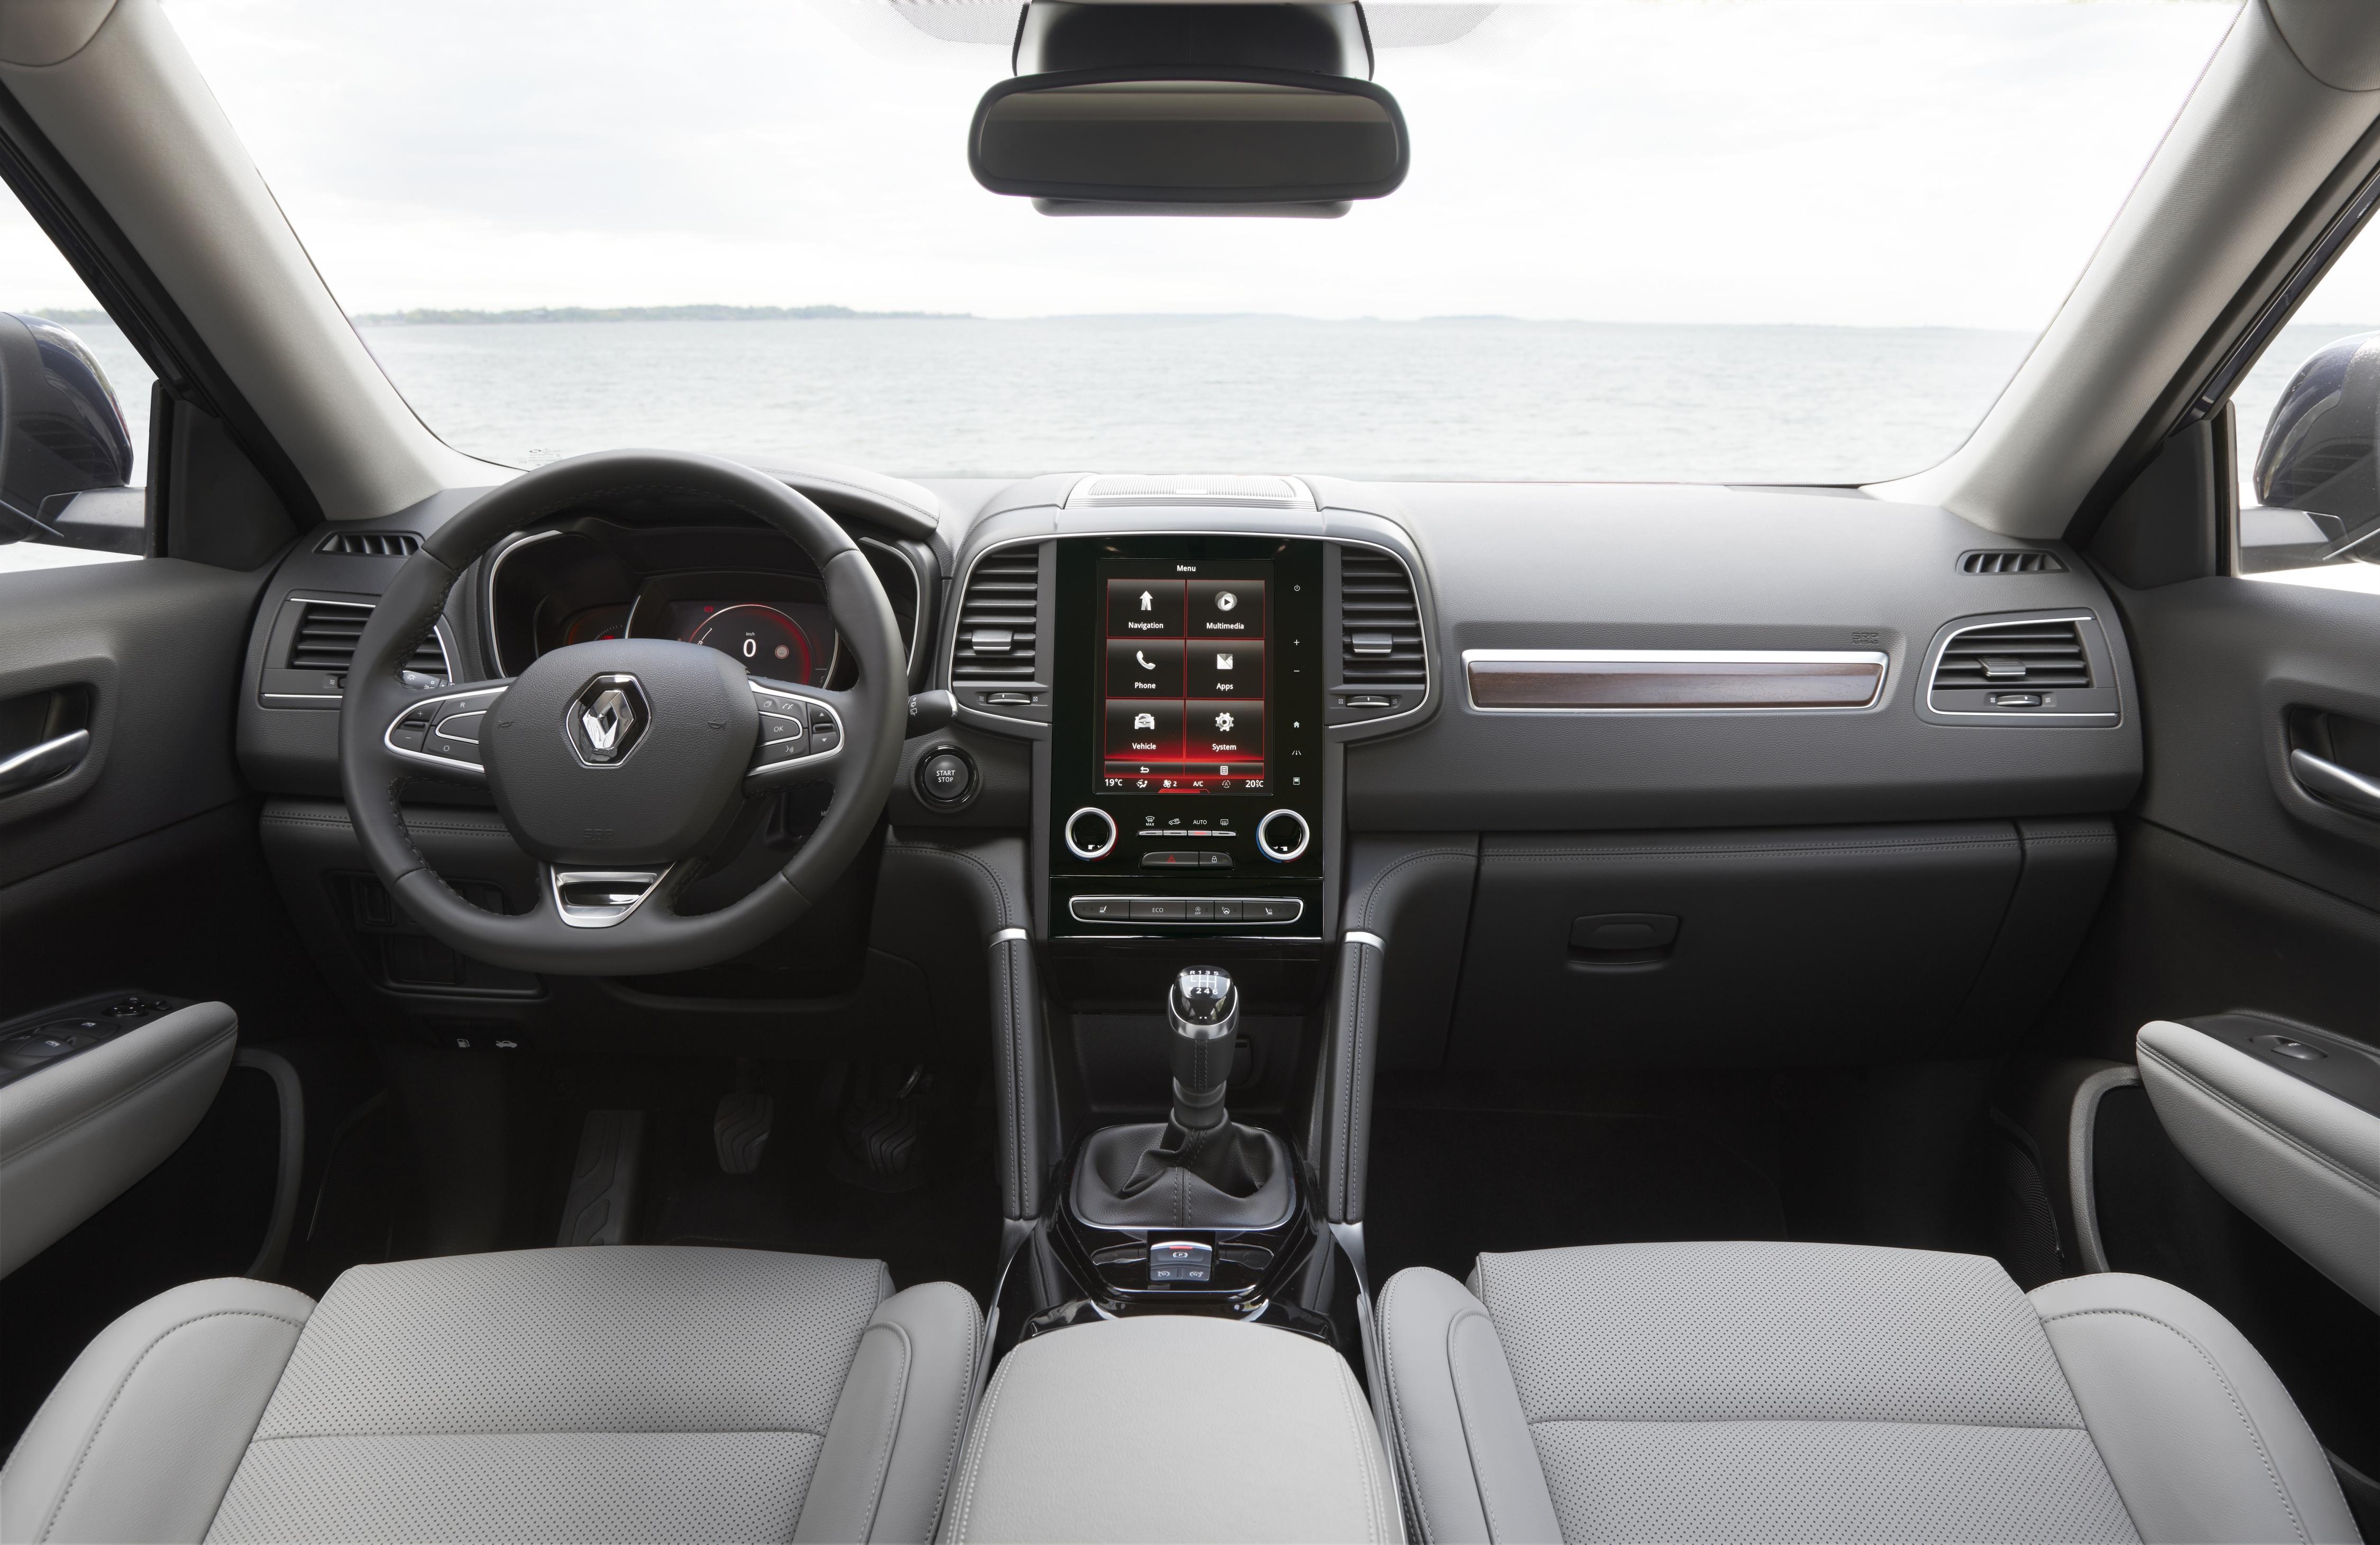 All-New Renault Koleos Arrives In Ireland | Rev ie